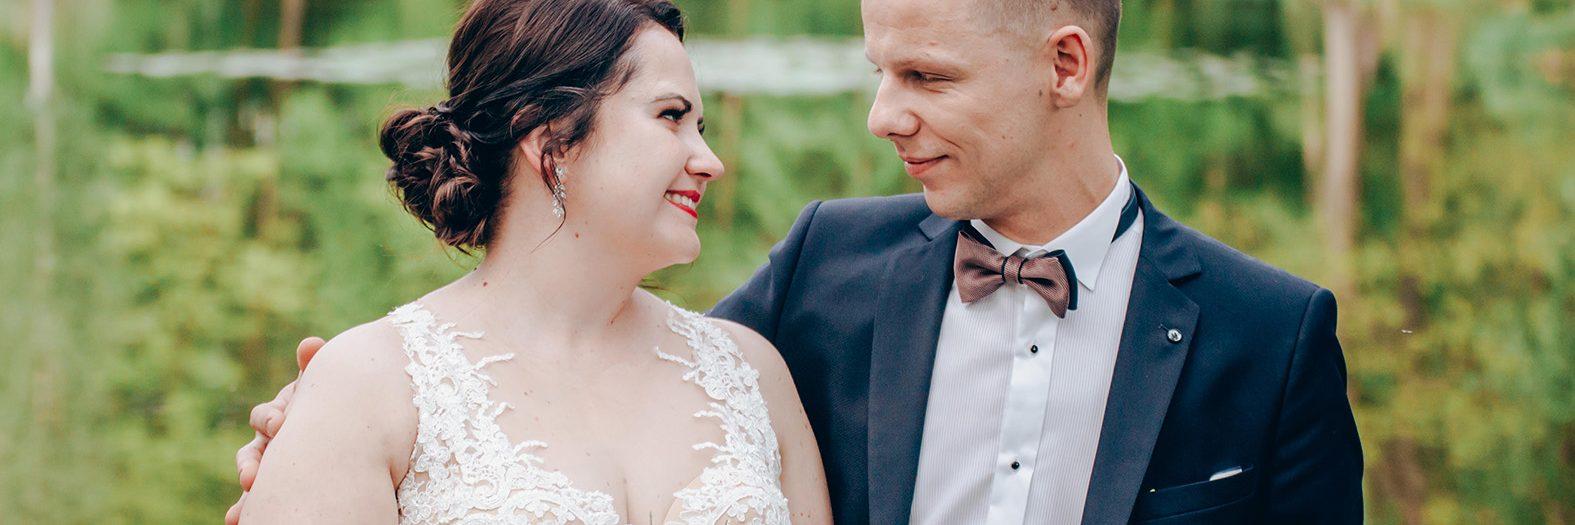 Martyna&Krzysztof